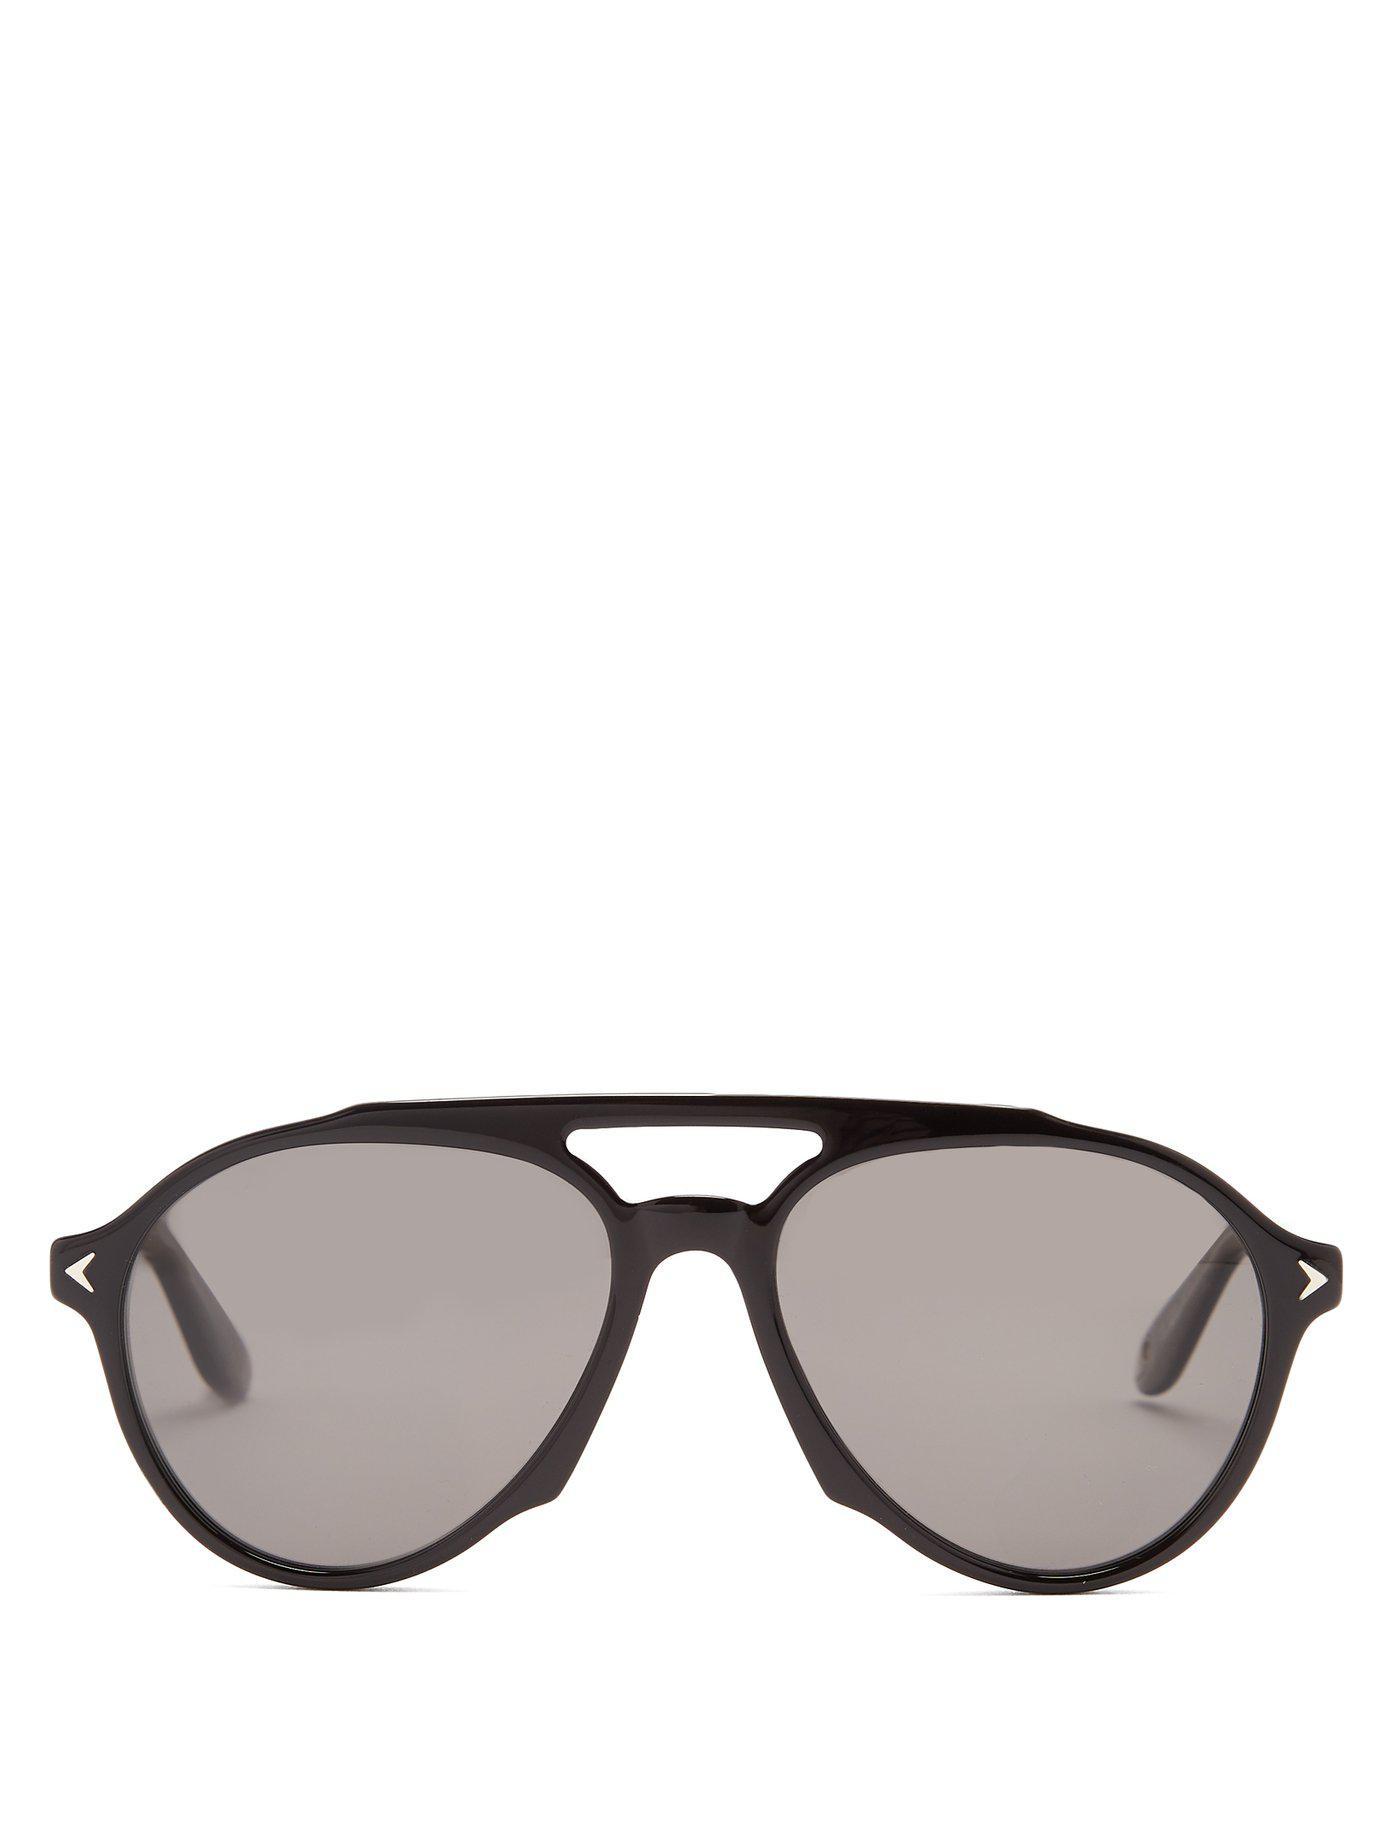 Givenchy Lunettes de soleil aviateur en acétate 2cT7a5i